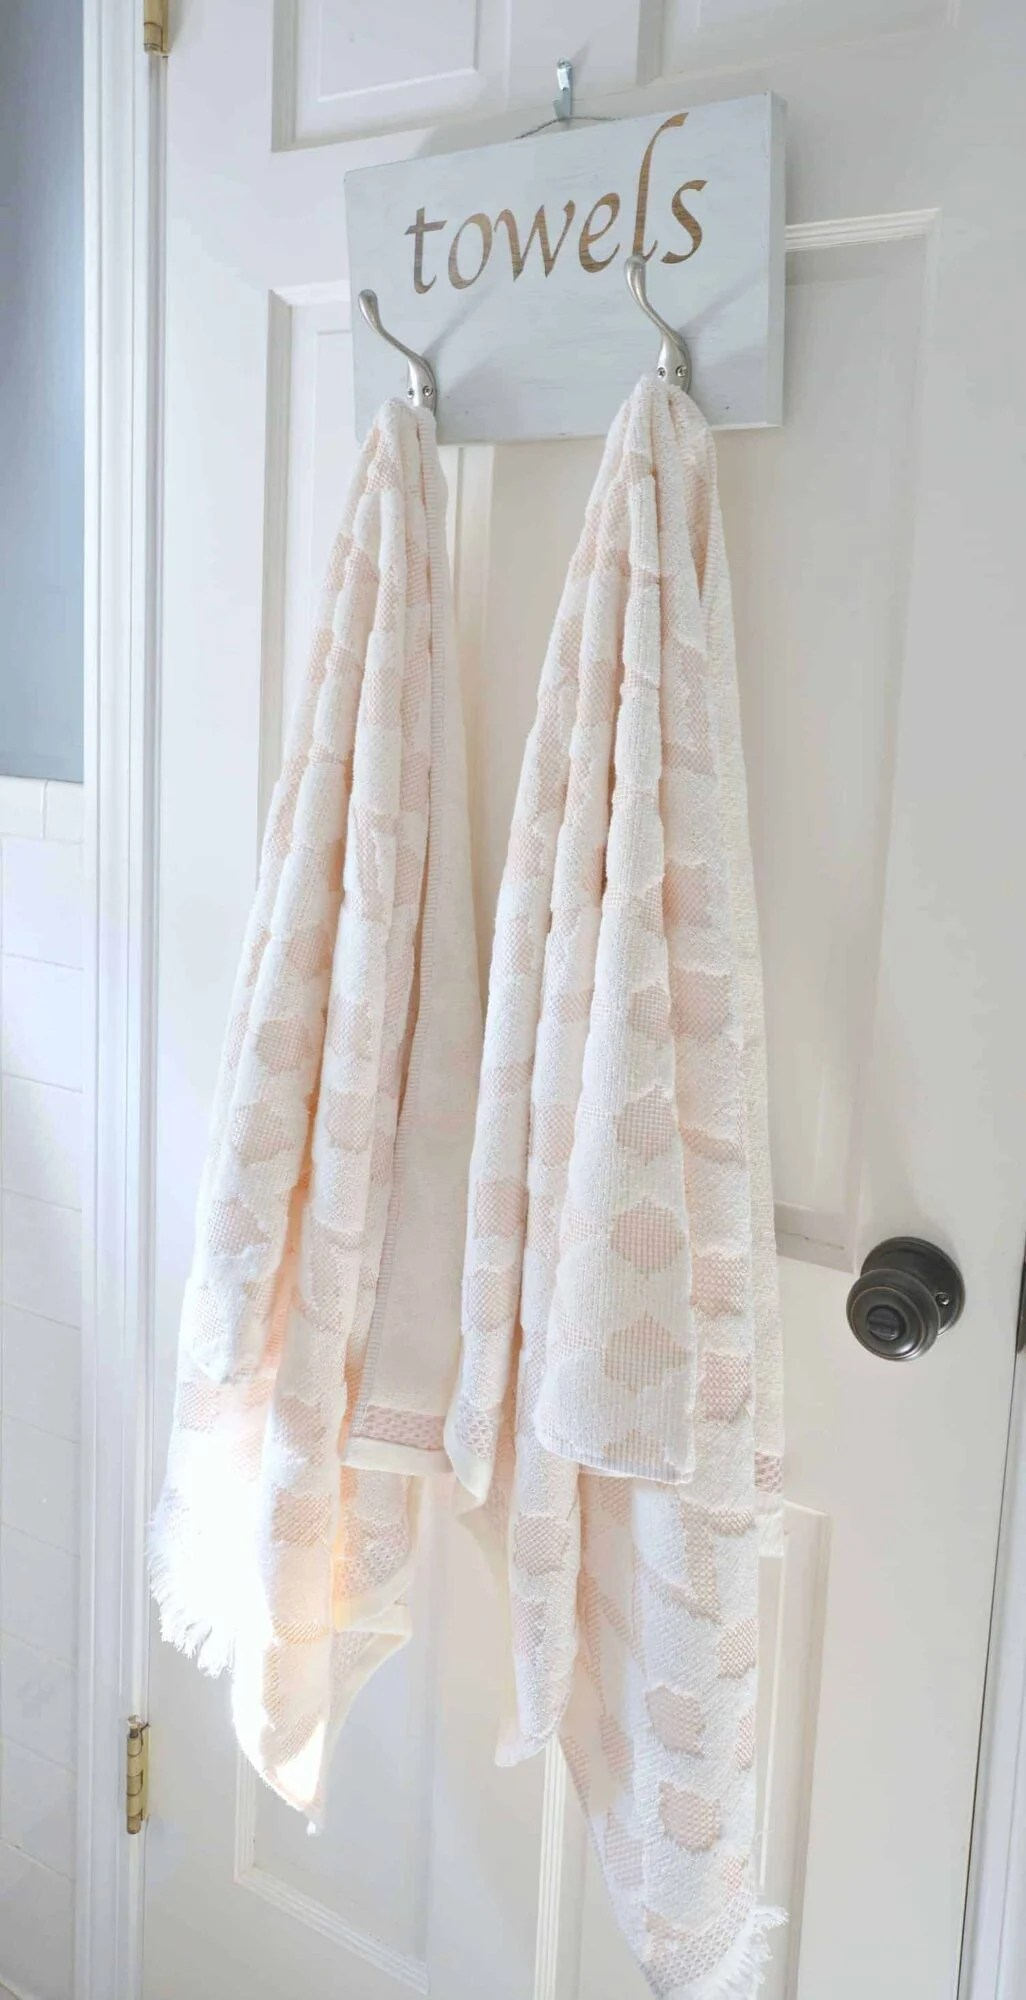 Wood DIY towel rack